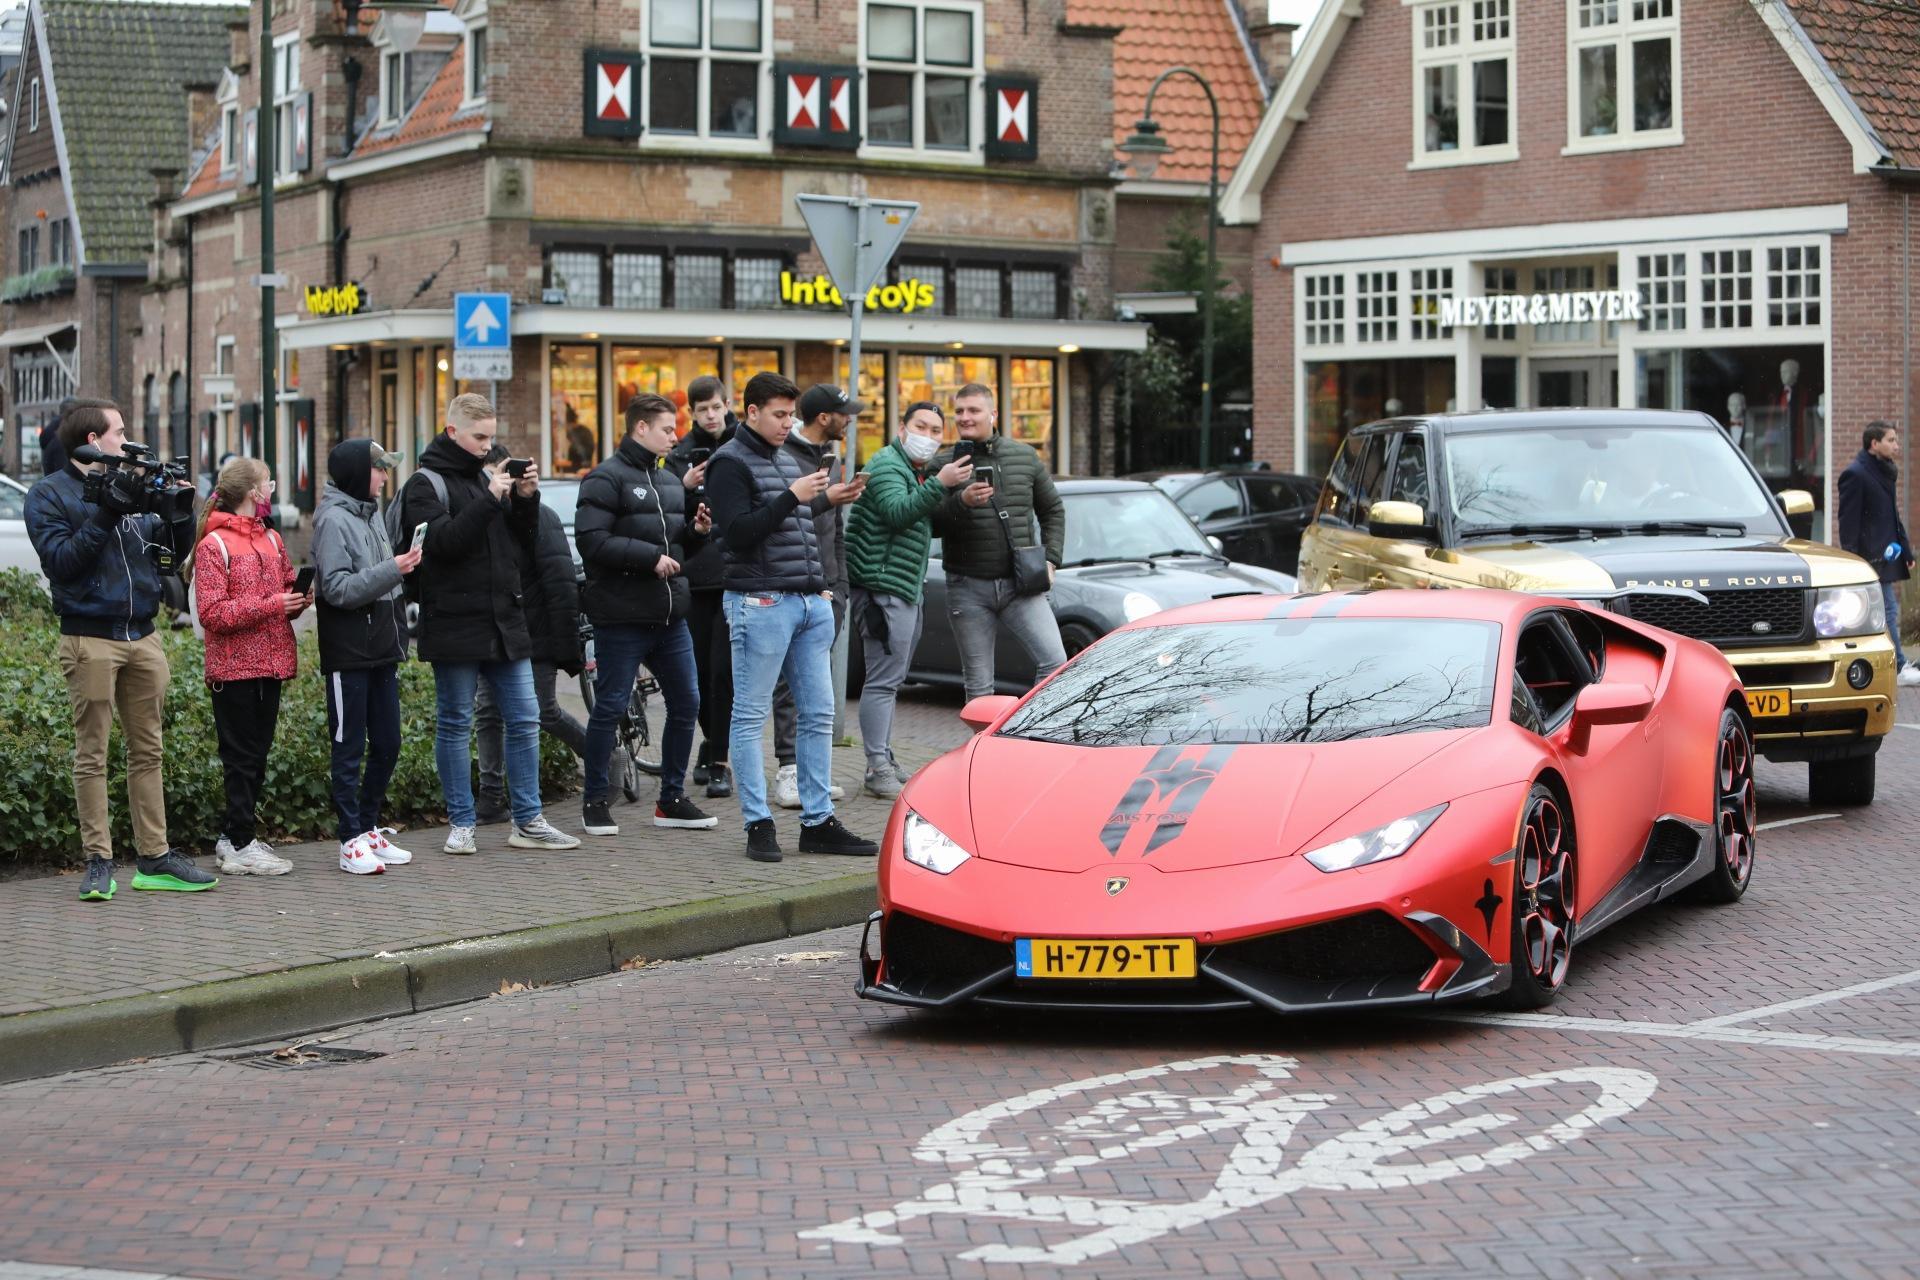 Politie grijpt in bij automeeting in centrum Laren met veel bekijks voor Lamborghini en 'gouden' Range Rover